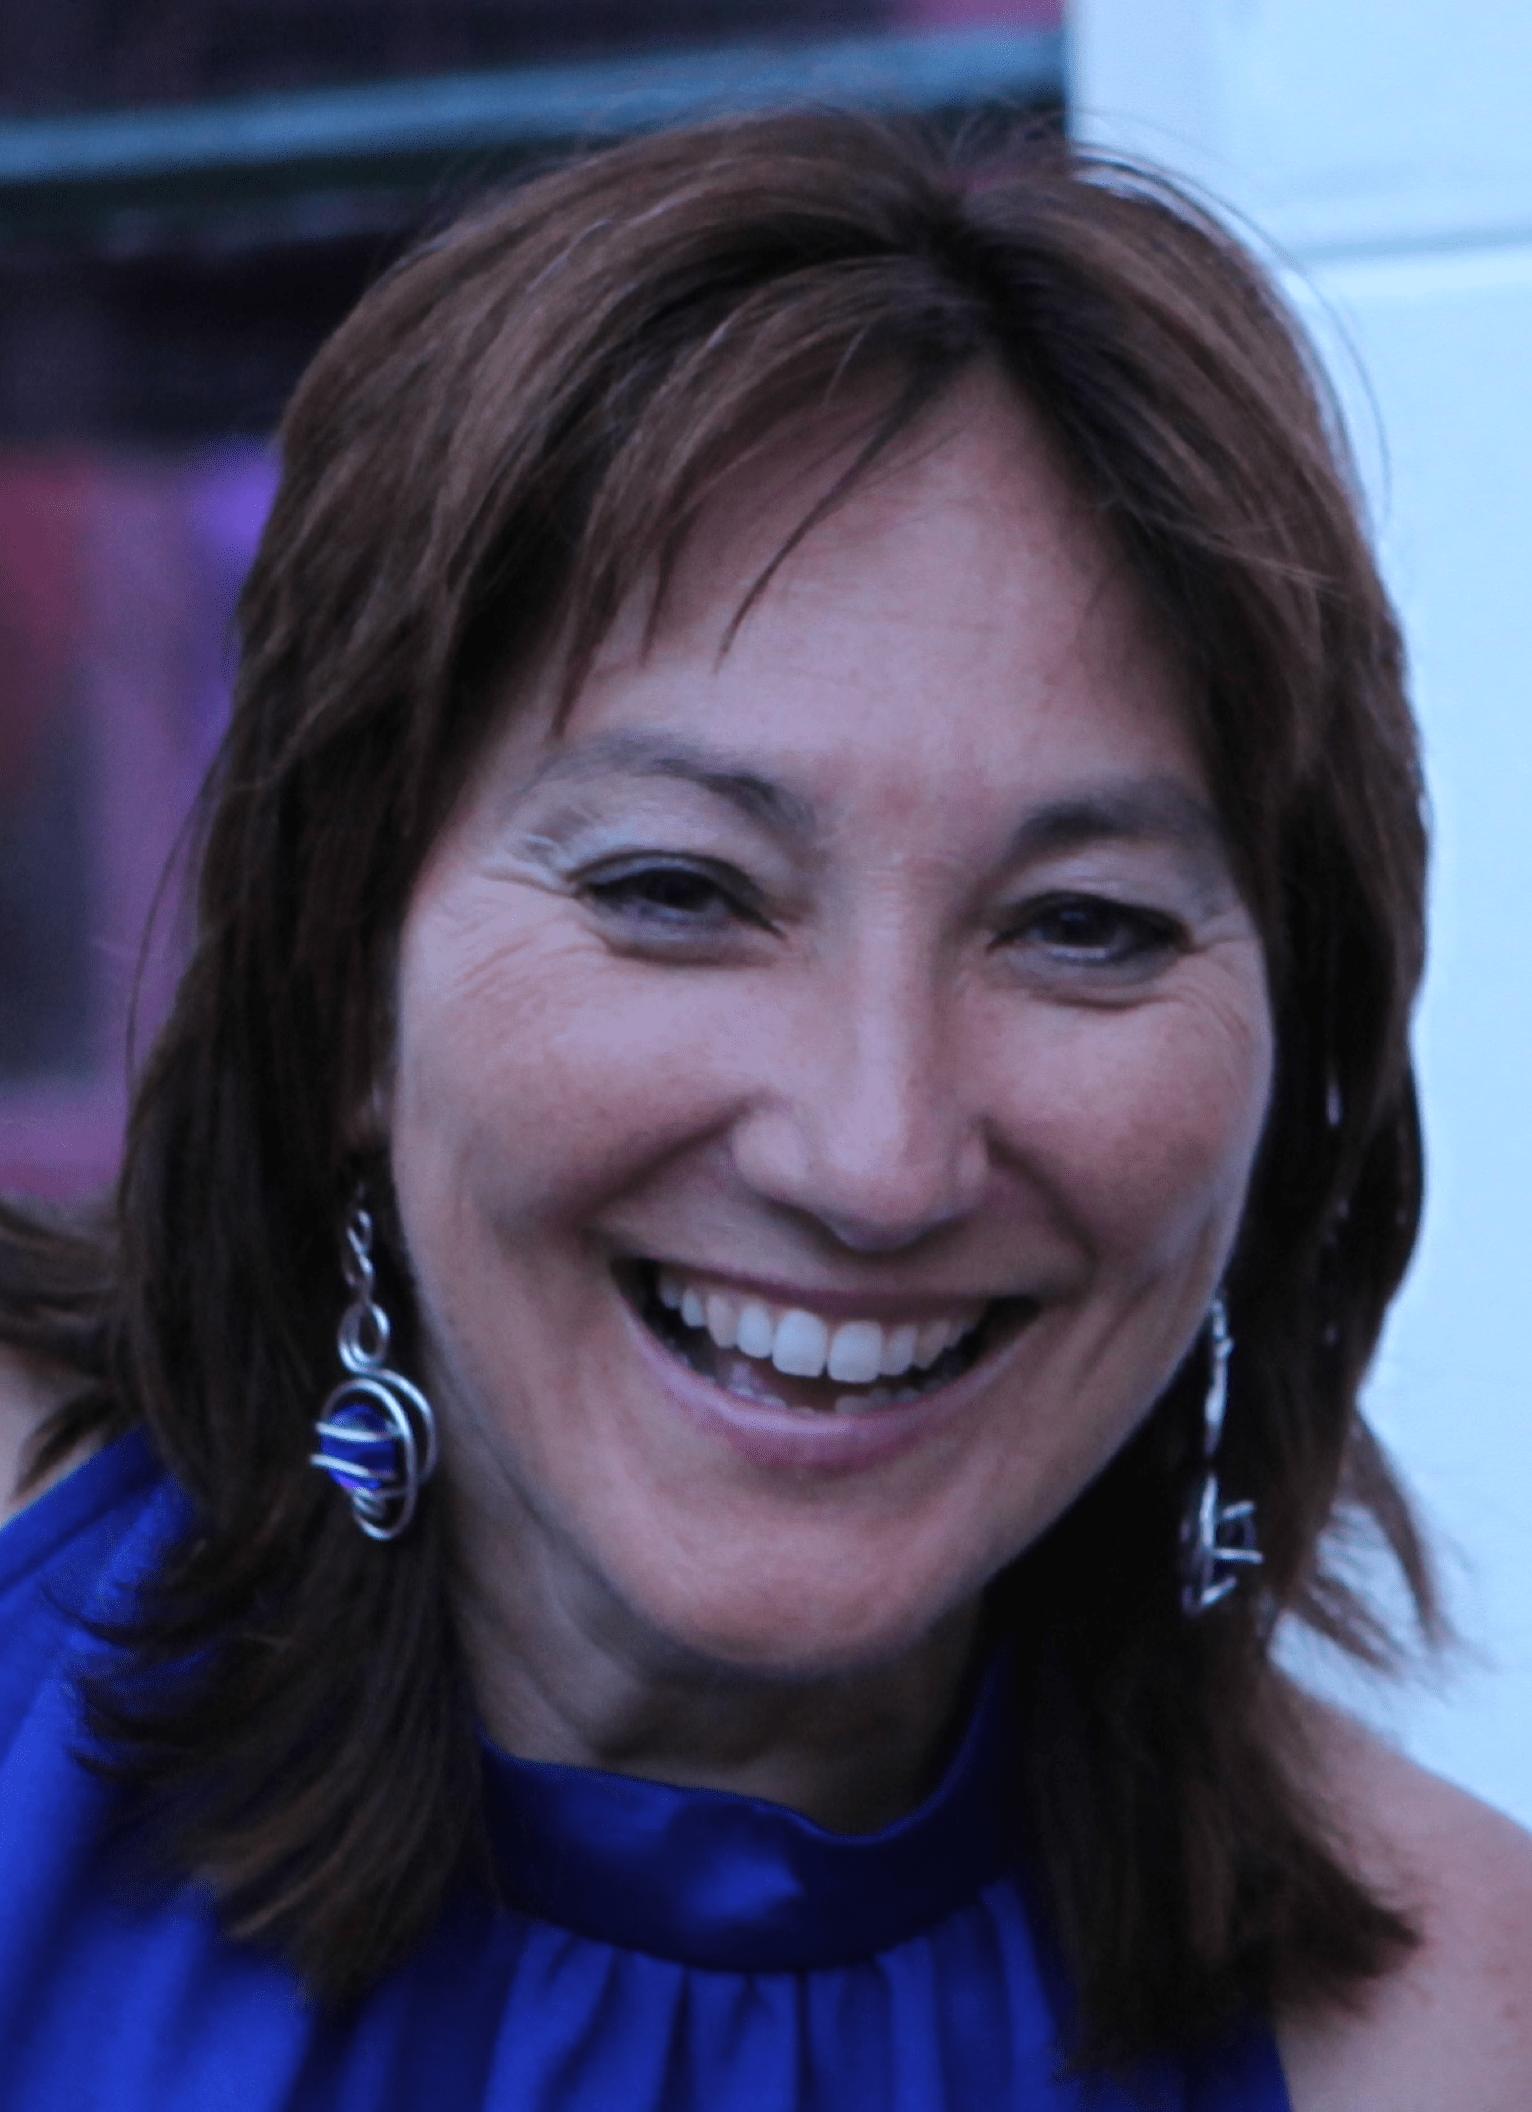 Irene van der Zwan